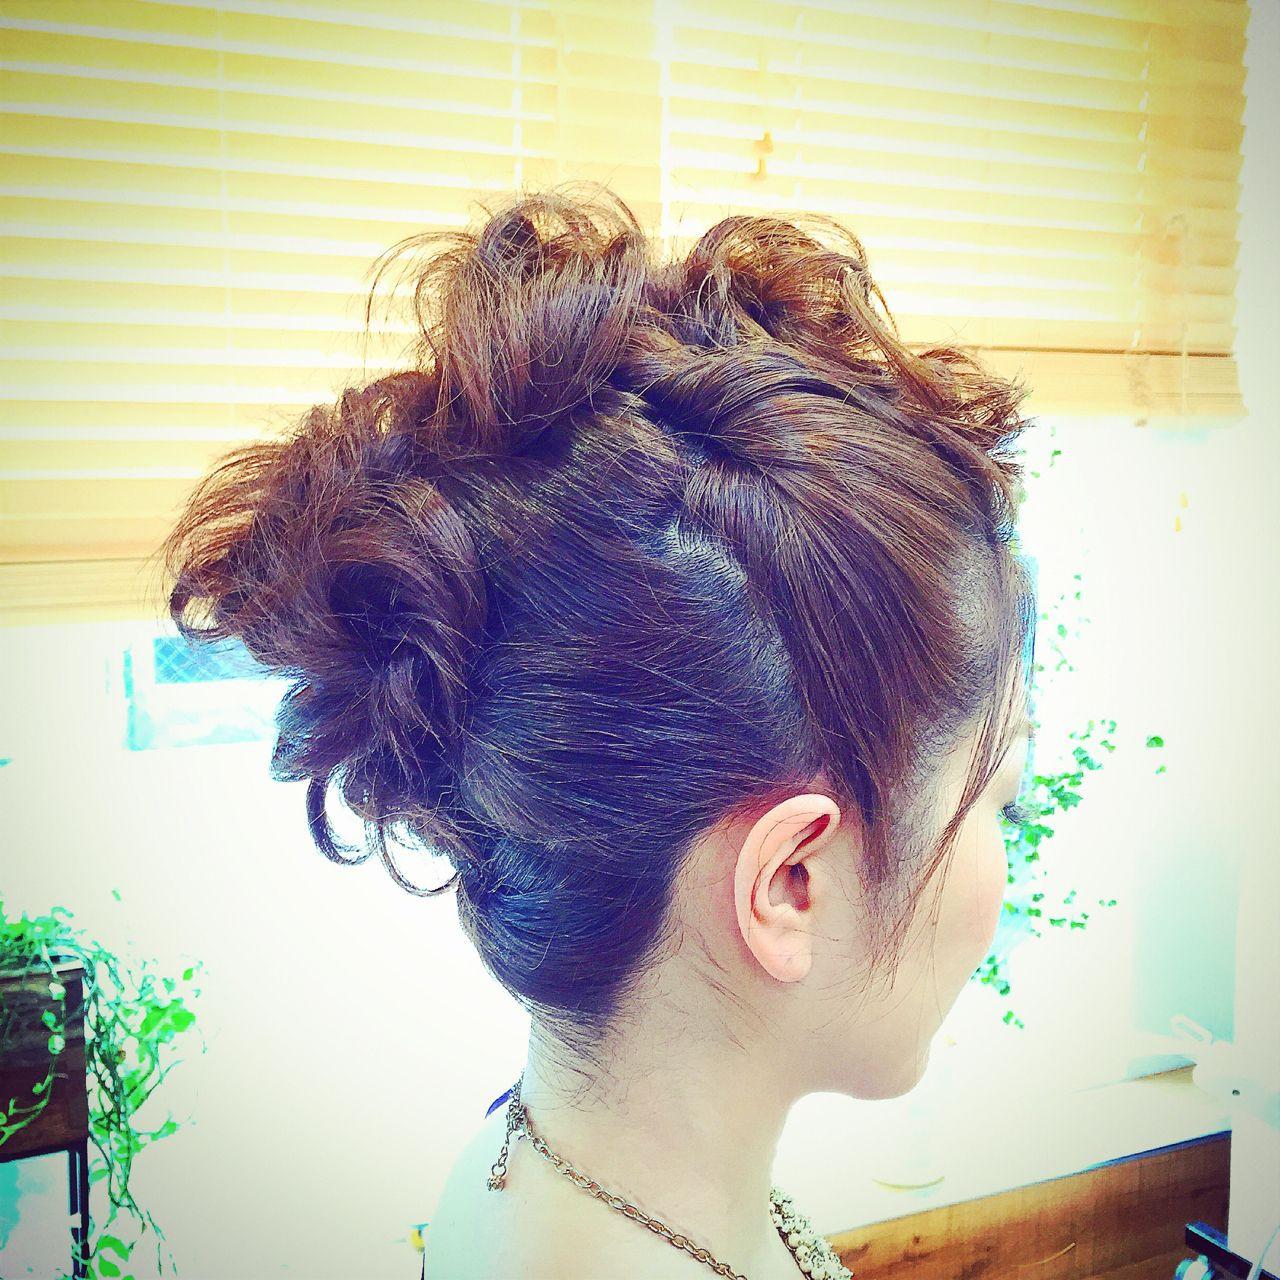 クール女子におすすめ!カッコかわいいソフトモヒカン風の髪型カタログ 井沢 慶文